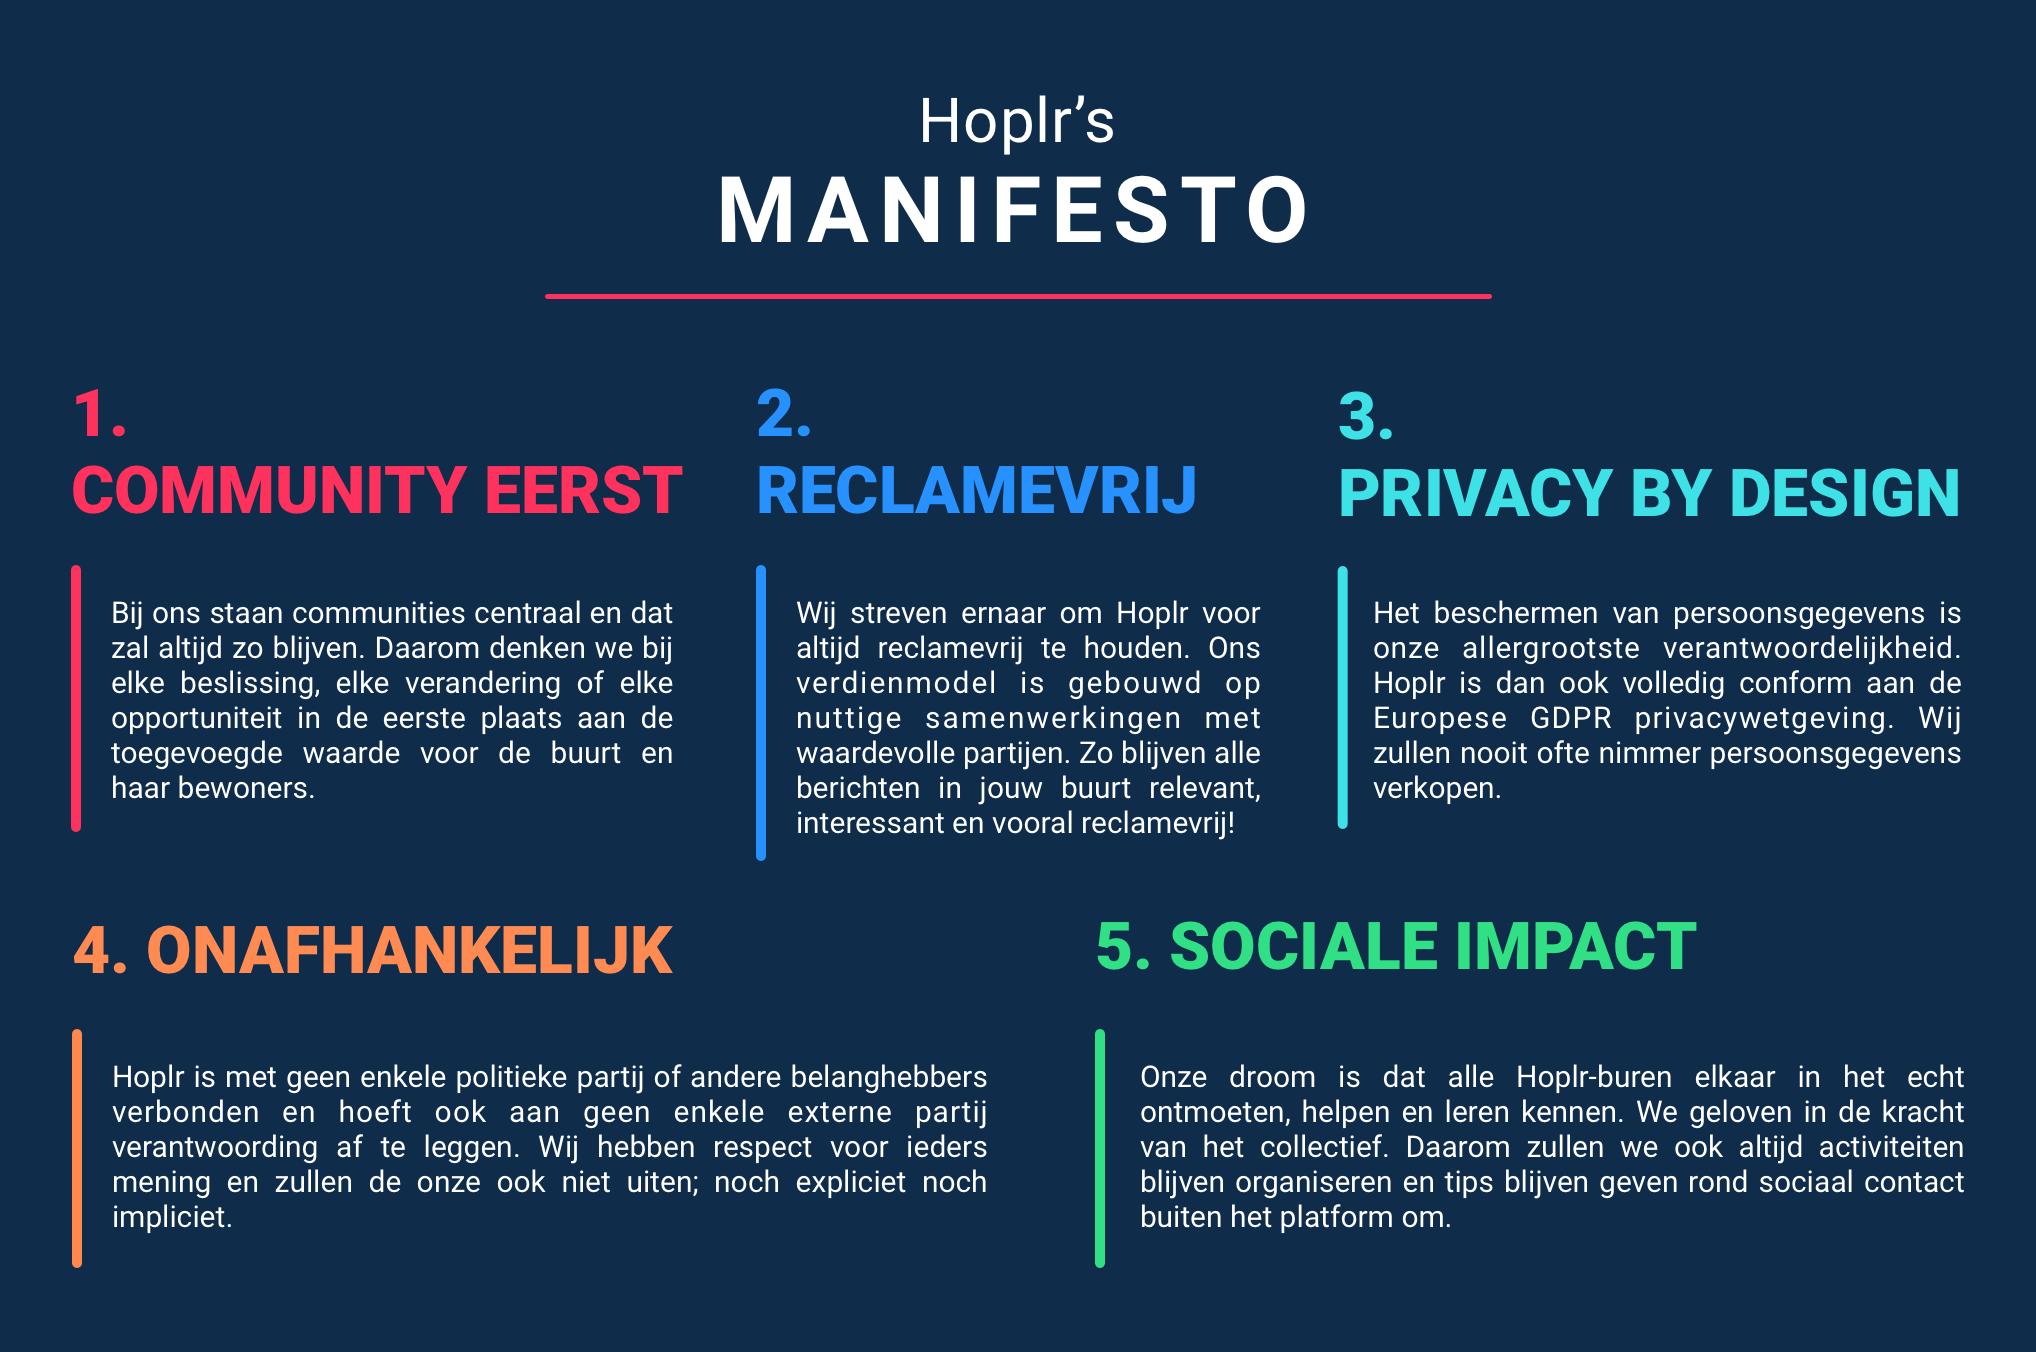 opsomming van ons manifest: sociale impact, reclamevrij, onafhankelijk, privacy by design, community eerst